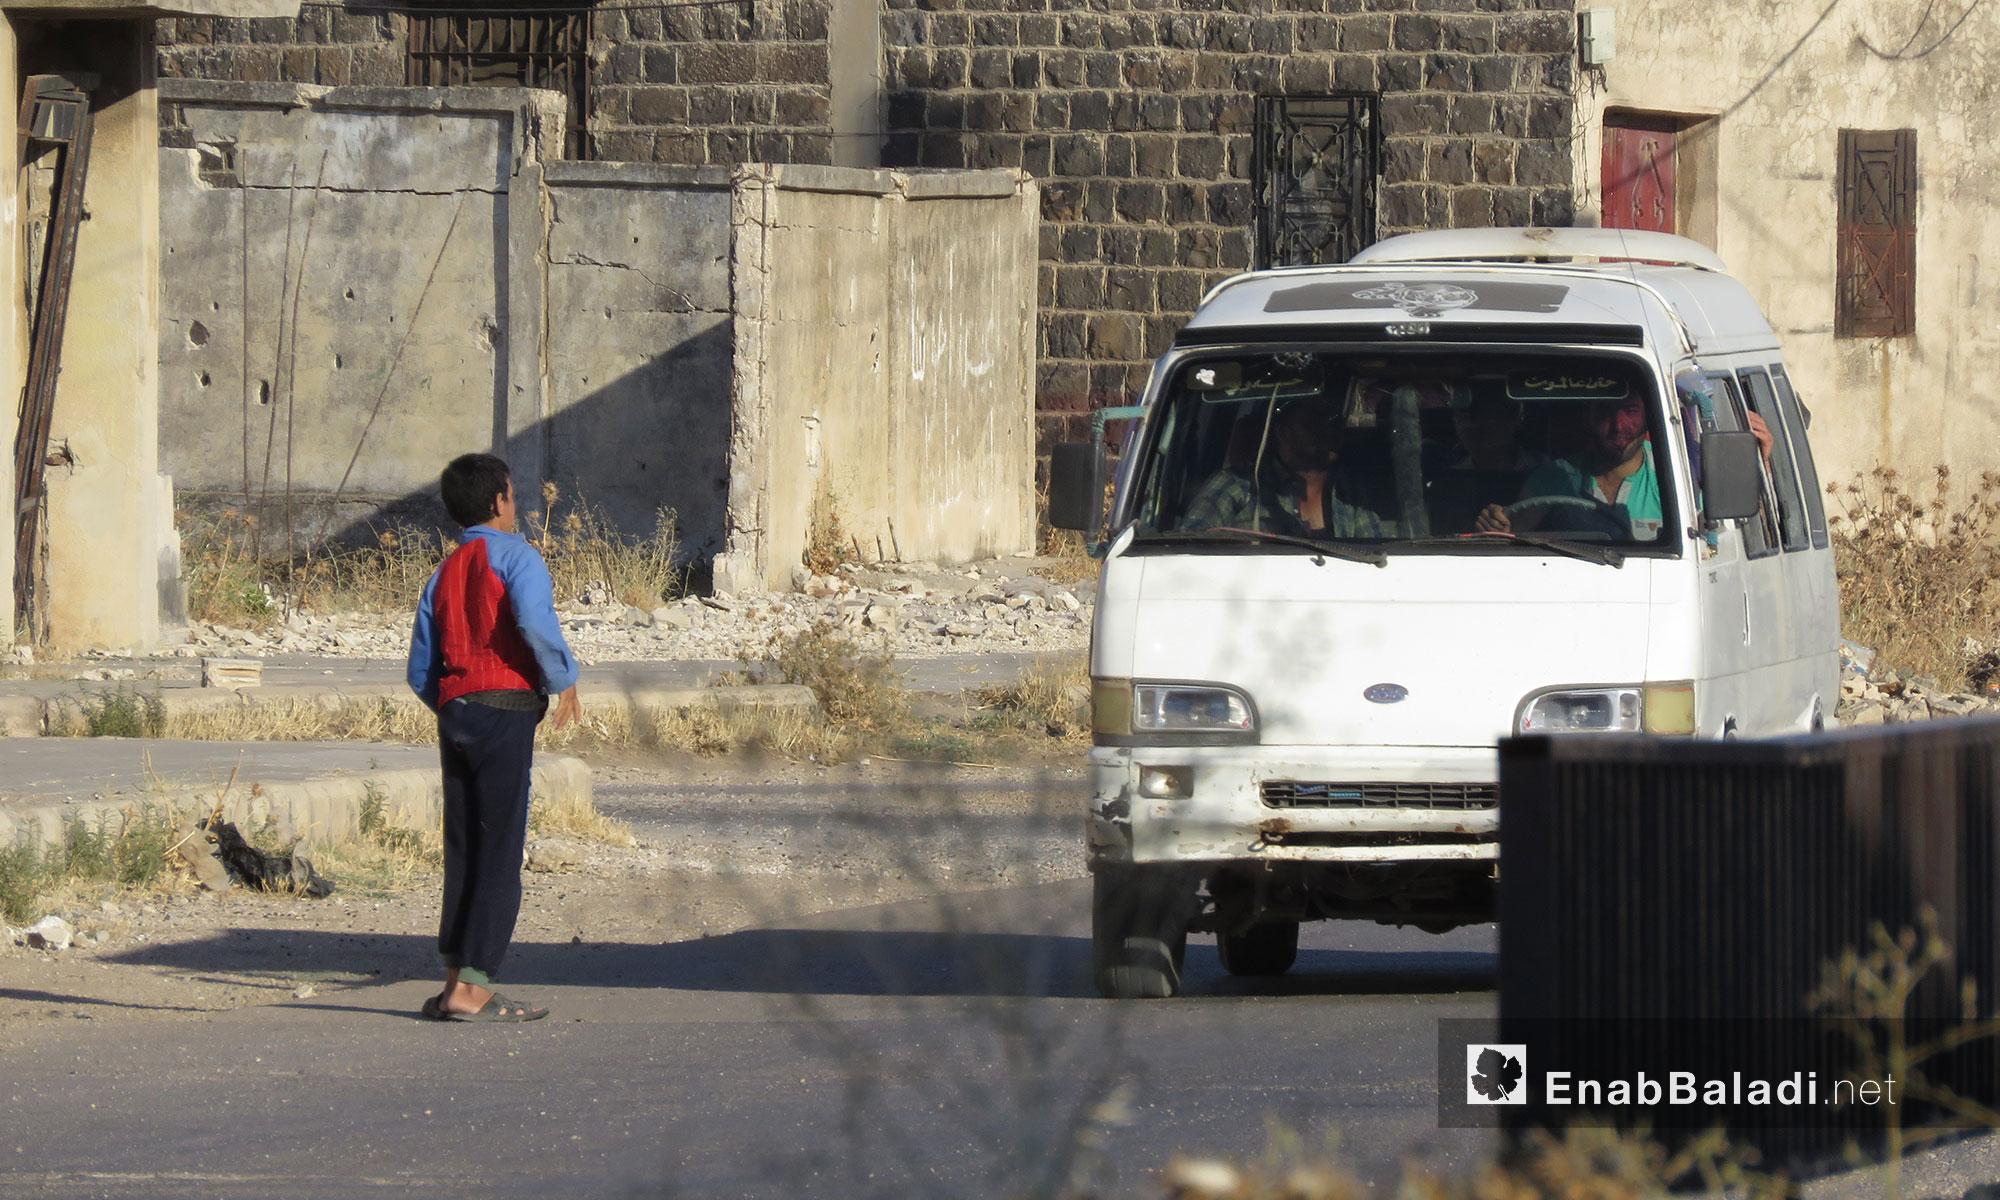 وسيلة نقل عامة تقل الركاب في الحولة بريف حمص - 25 تموز 2017 (عنب بلدي)